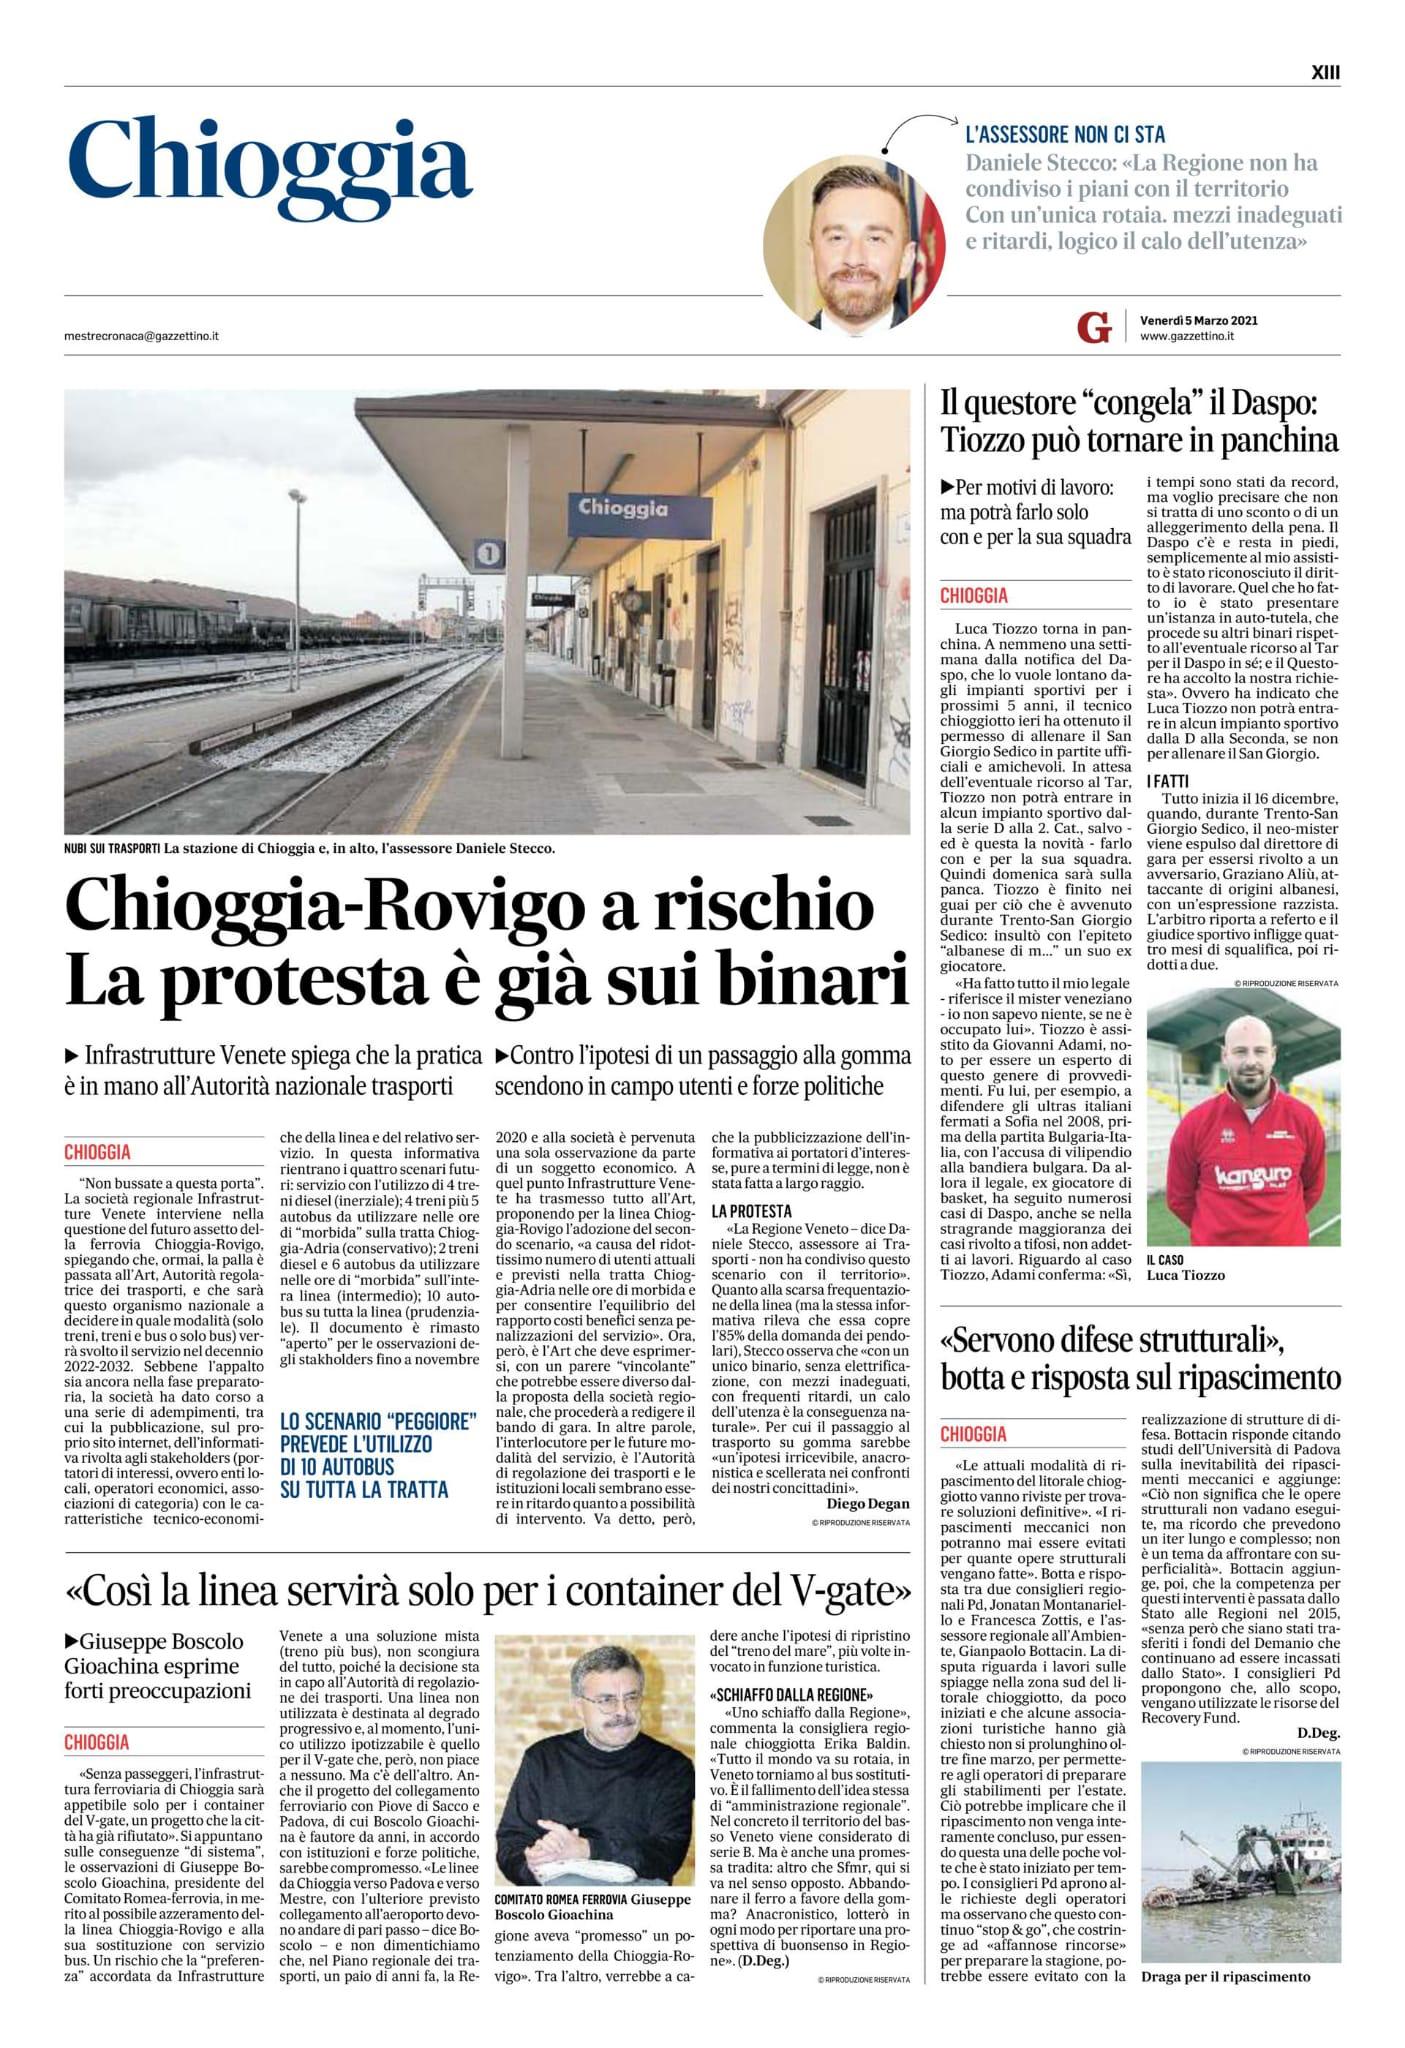 Chioggia-Rovigo a rischio, la protesta è già sui binari